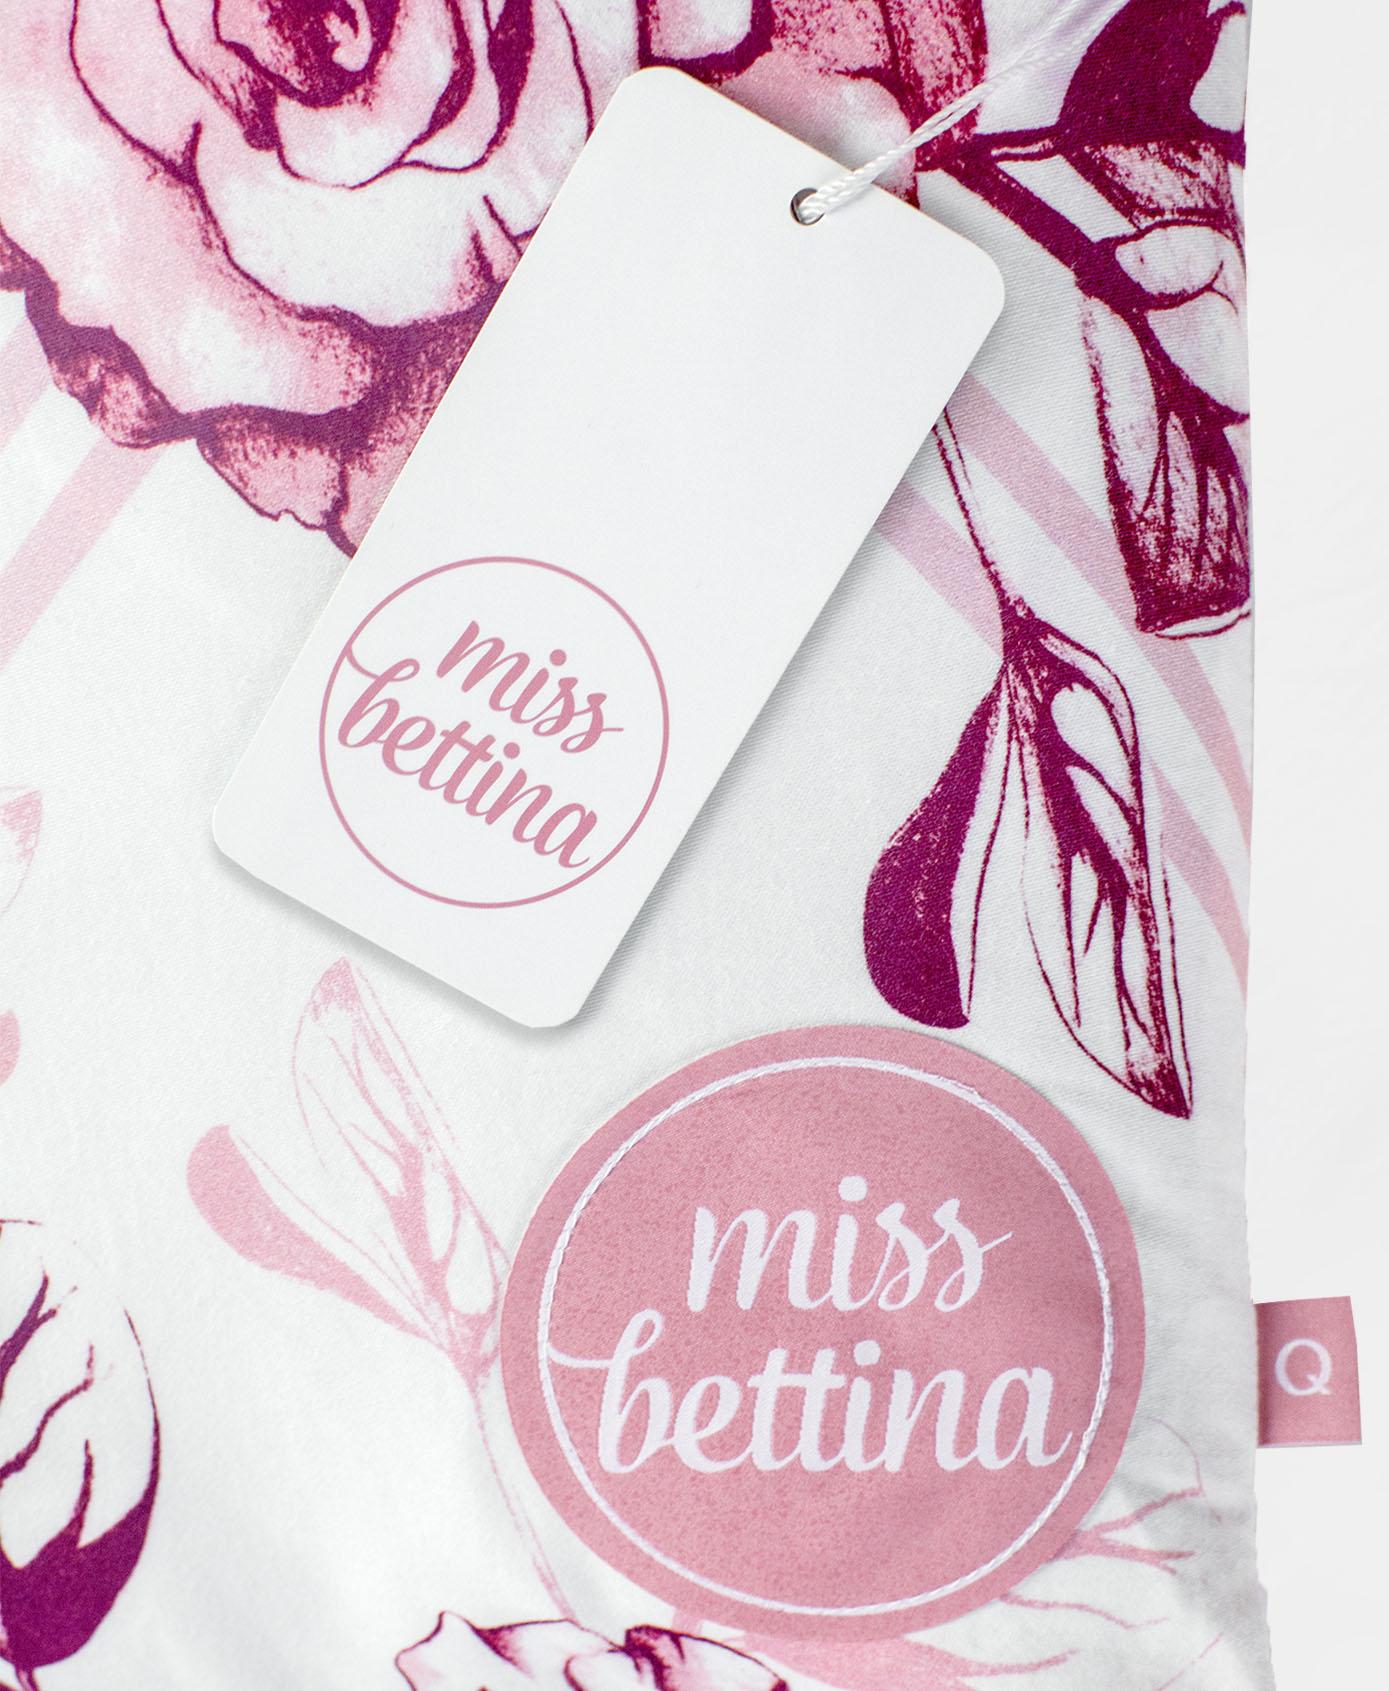 Miss Bettina_Packaging_The Design parlour_2.jpg